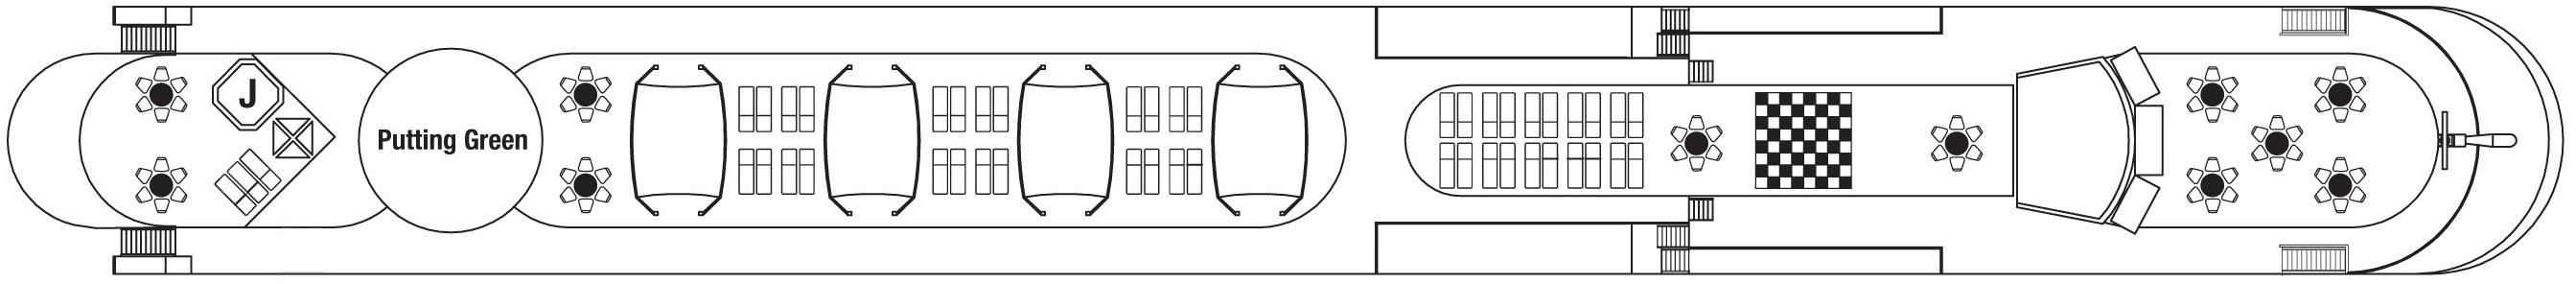 Tauck Jewel Class Deckplans 4 Sun Deck.jpg